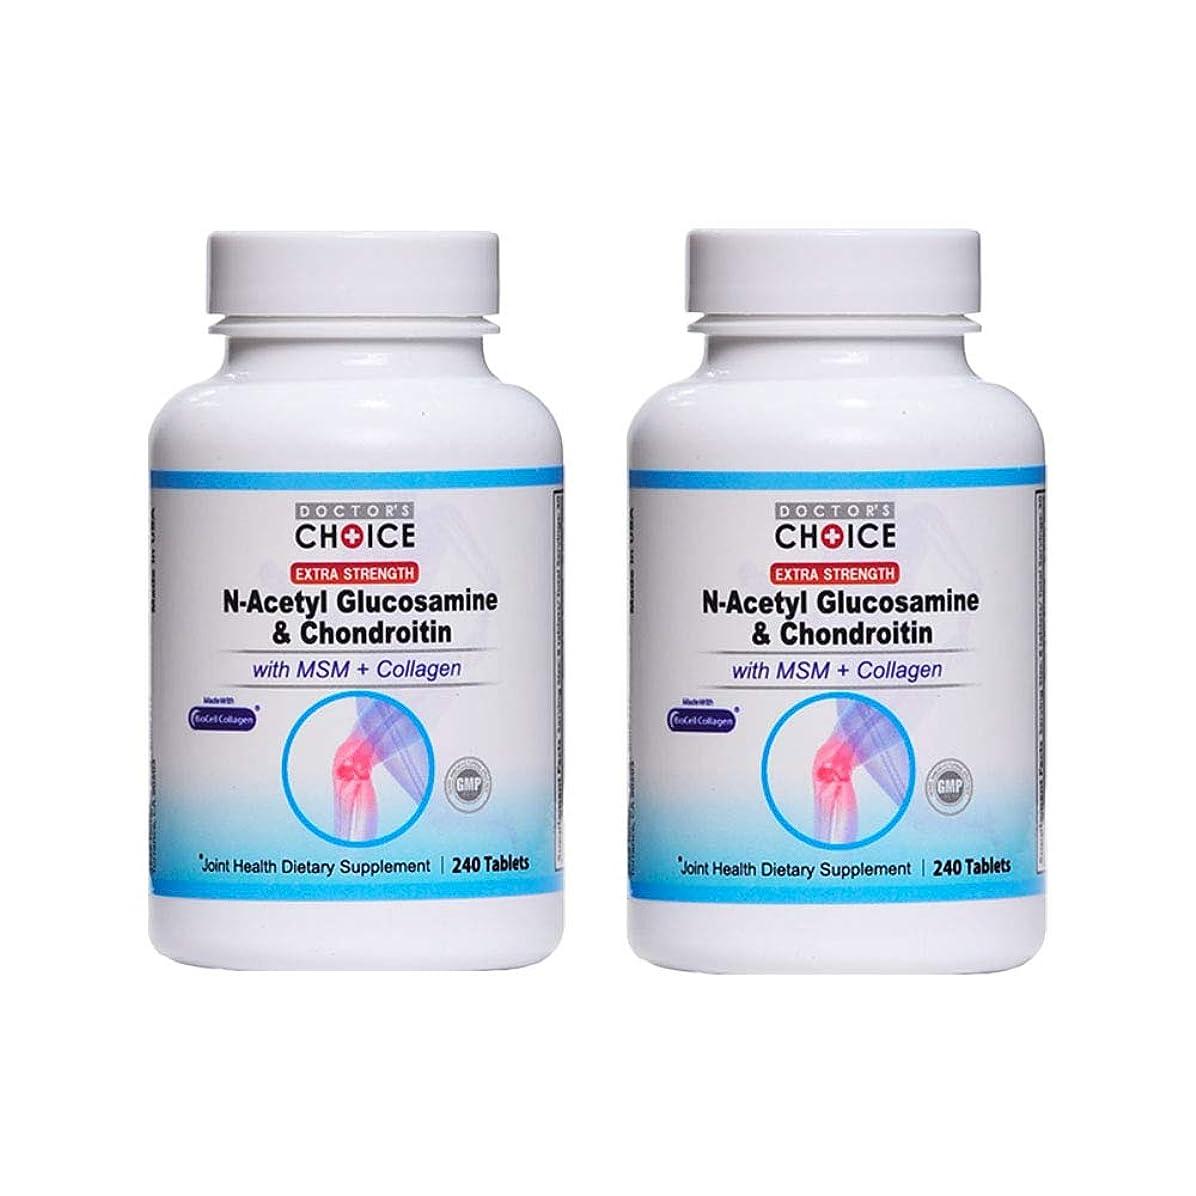 知覚できる近似対立ドクターズチョイス N-アセチルグルコサミン&コンドロイチン 30日分 240粒 (2本)